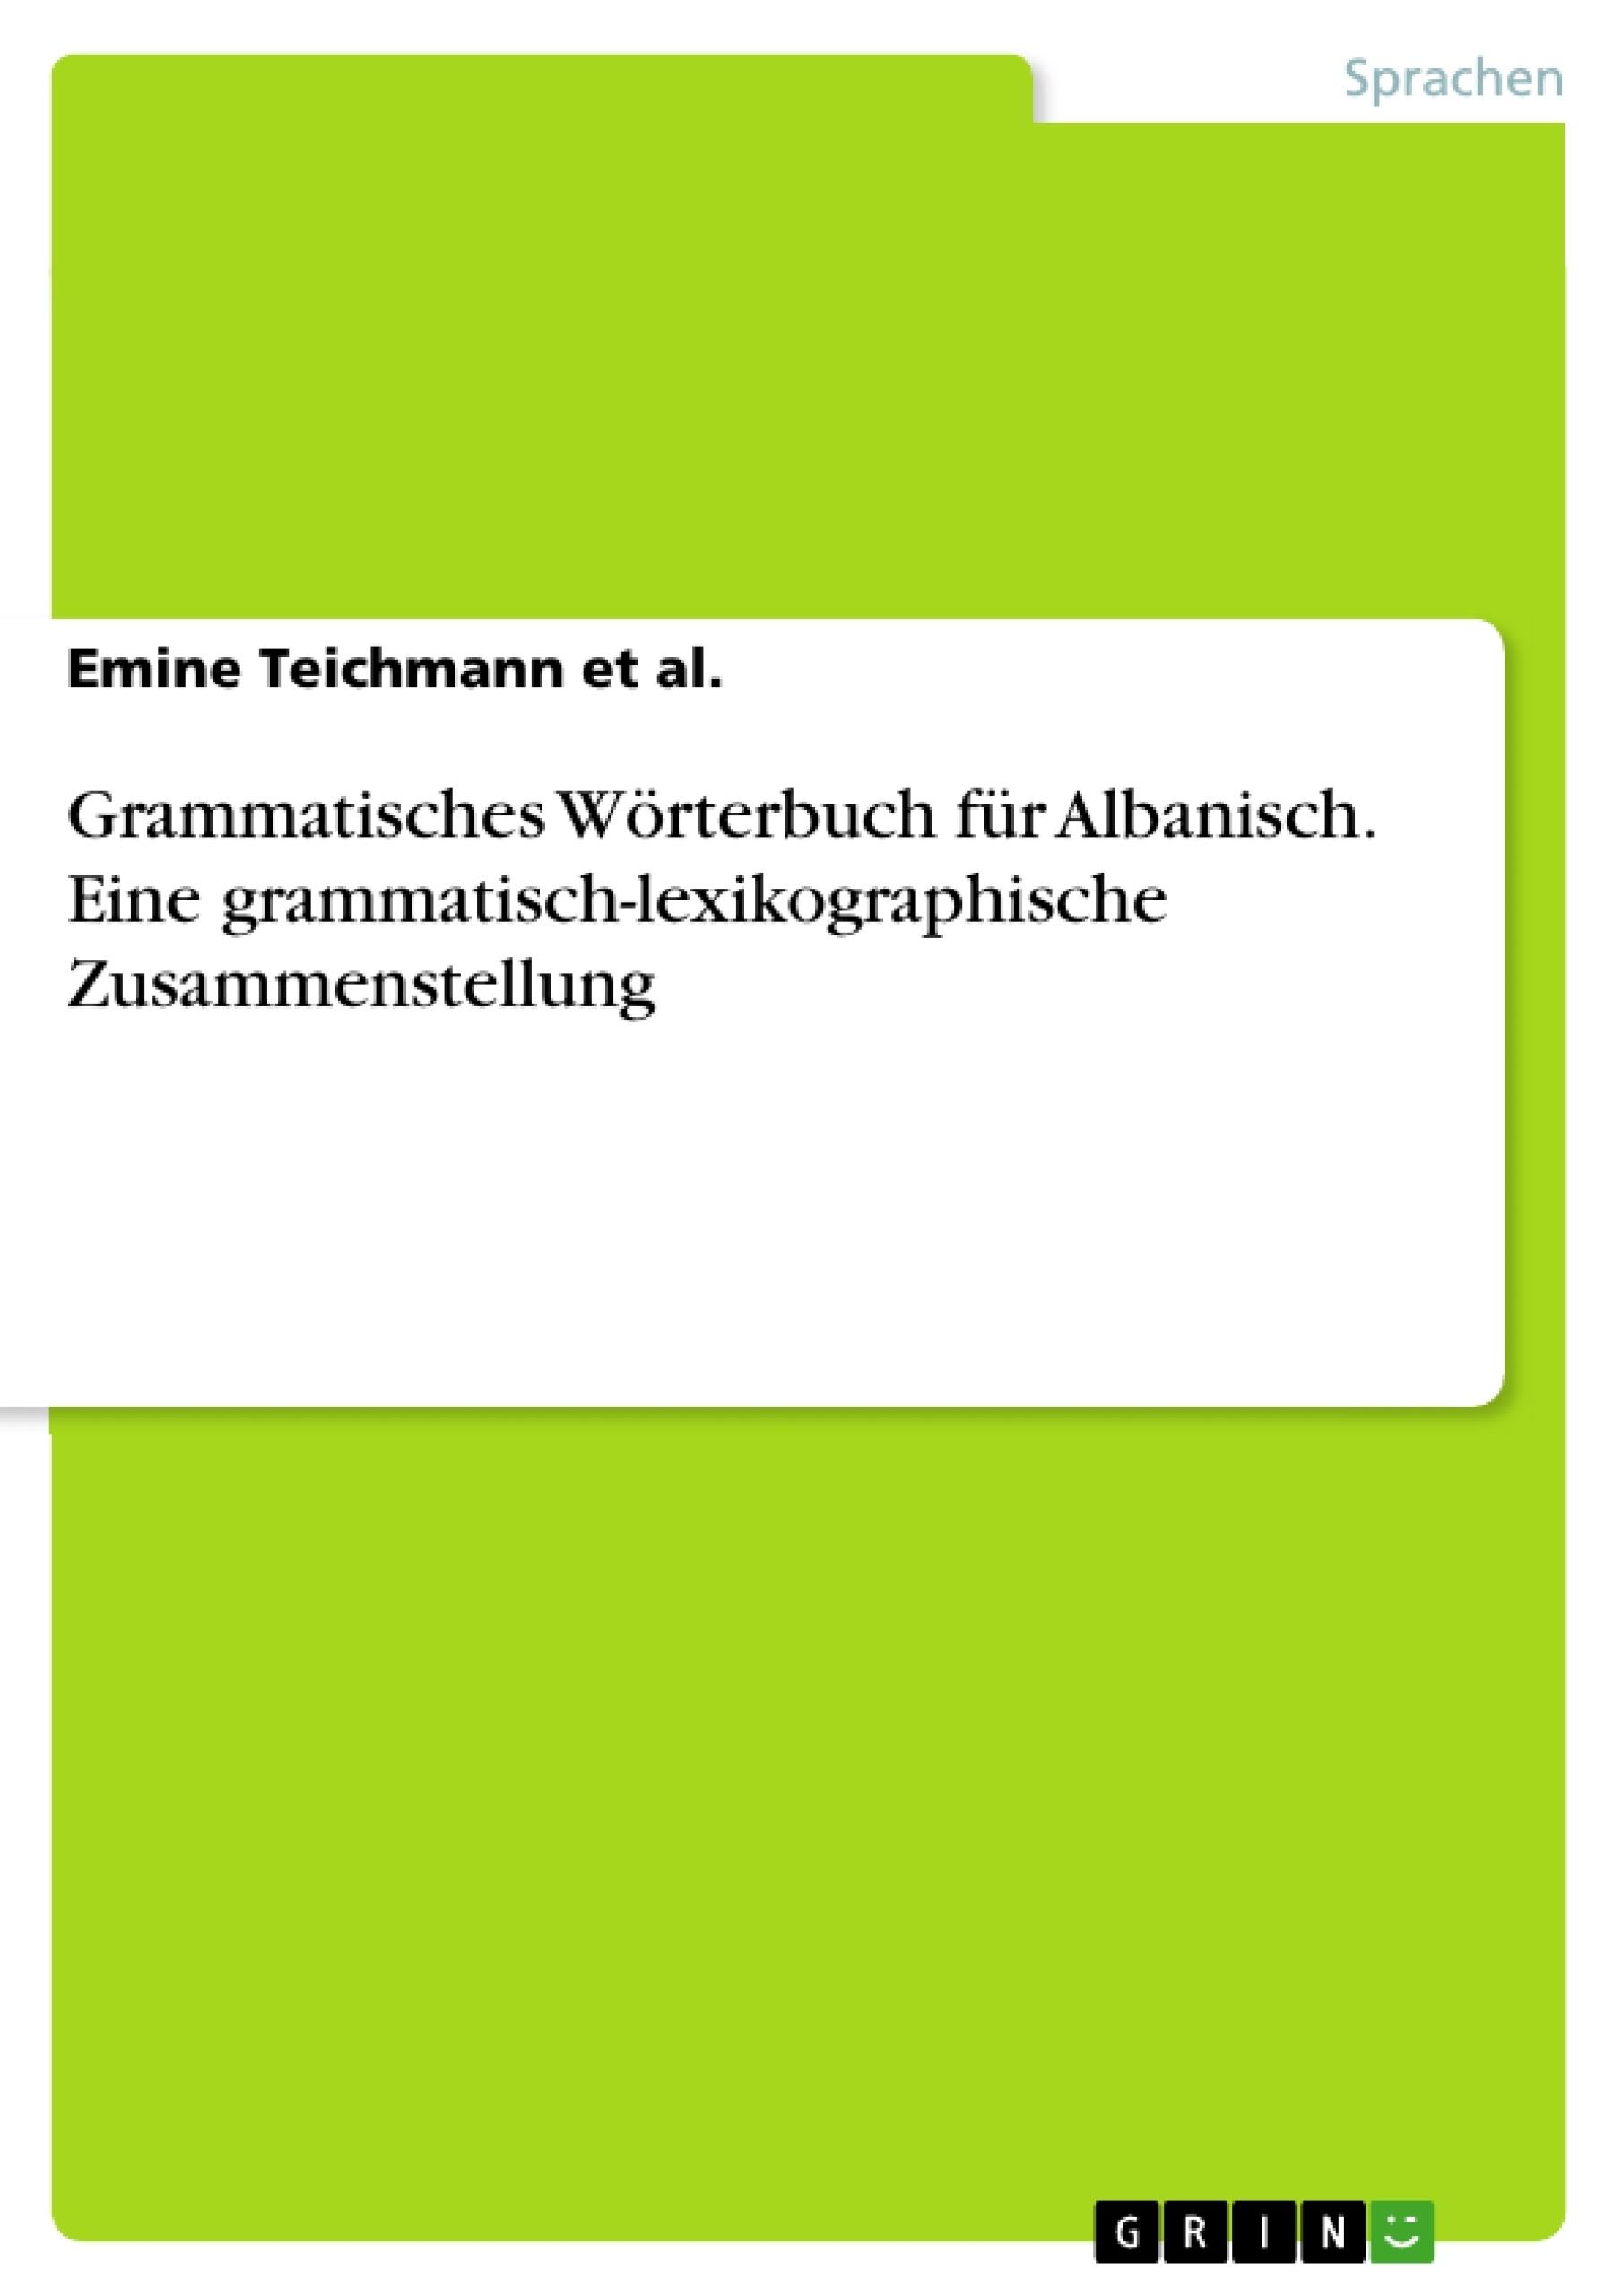 Titel: Grammatisches Wörterbuch für Albanisch. Eine grammatisch-lexikographische Zusammenstellung